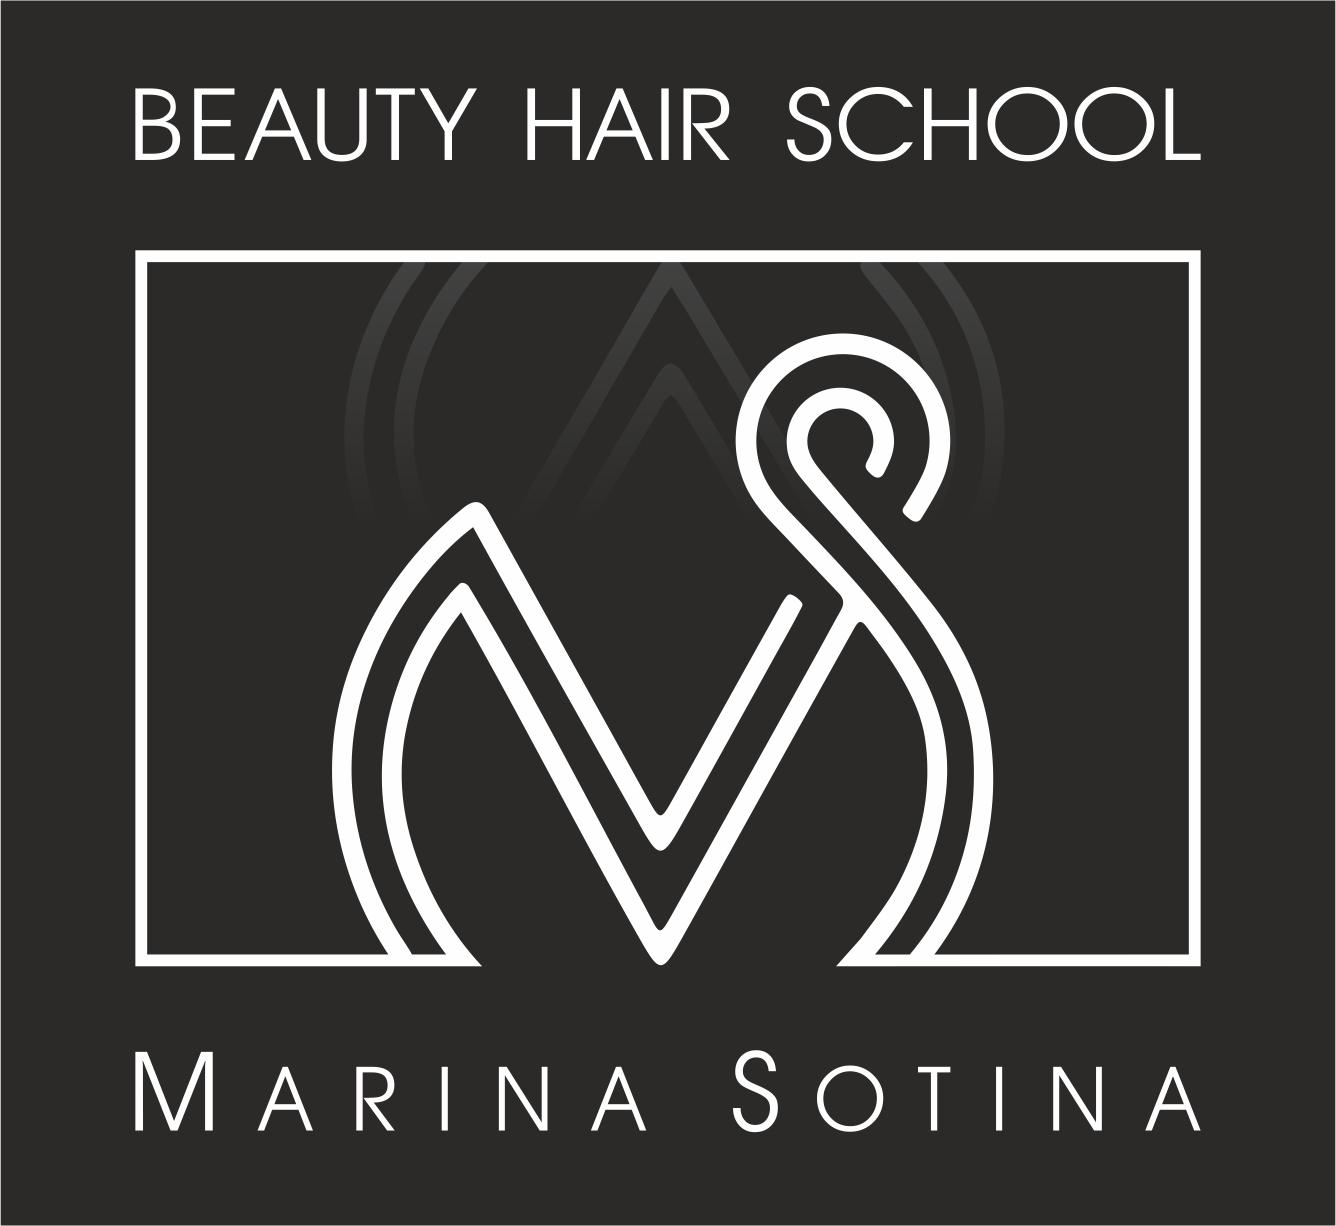 Первая онлайн школа наращивания волос ХОЧЕШЬ СТАТЬ ЛУЧШИМ МАСТЕРОМ ПО НАРАЩИВАНИЮ ВОЛОС В СВОЕМ ГОРОДЕ УЖЕ СЕГОДНЯ?